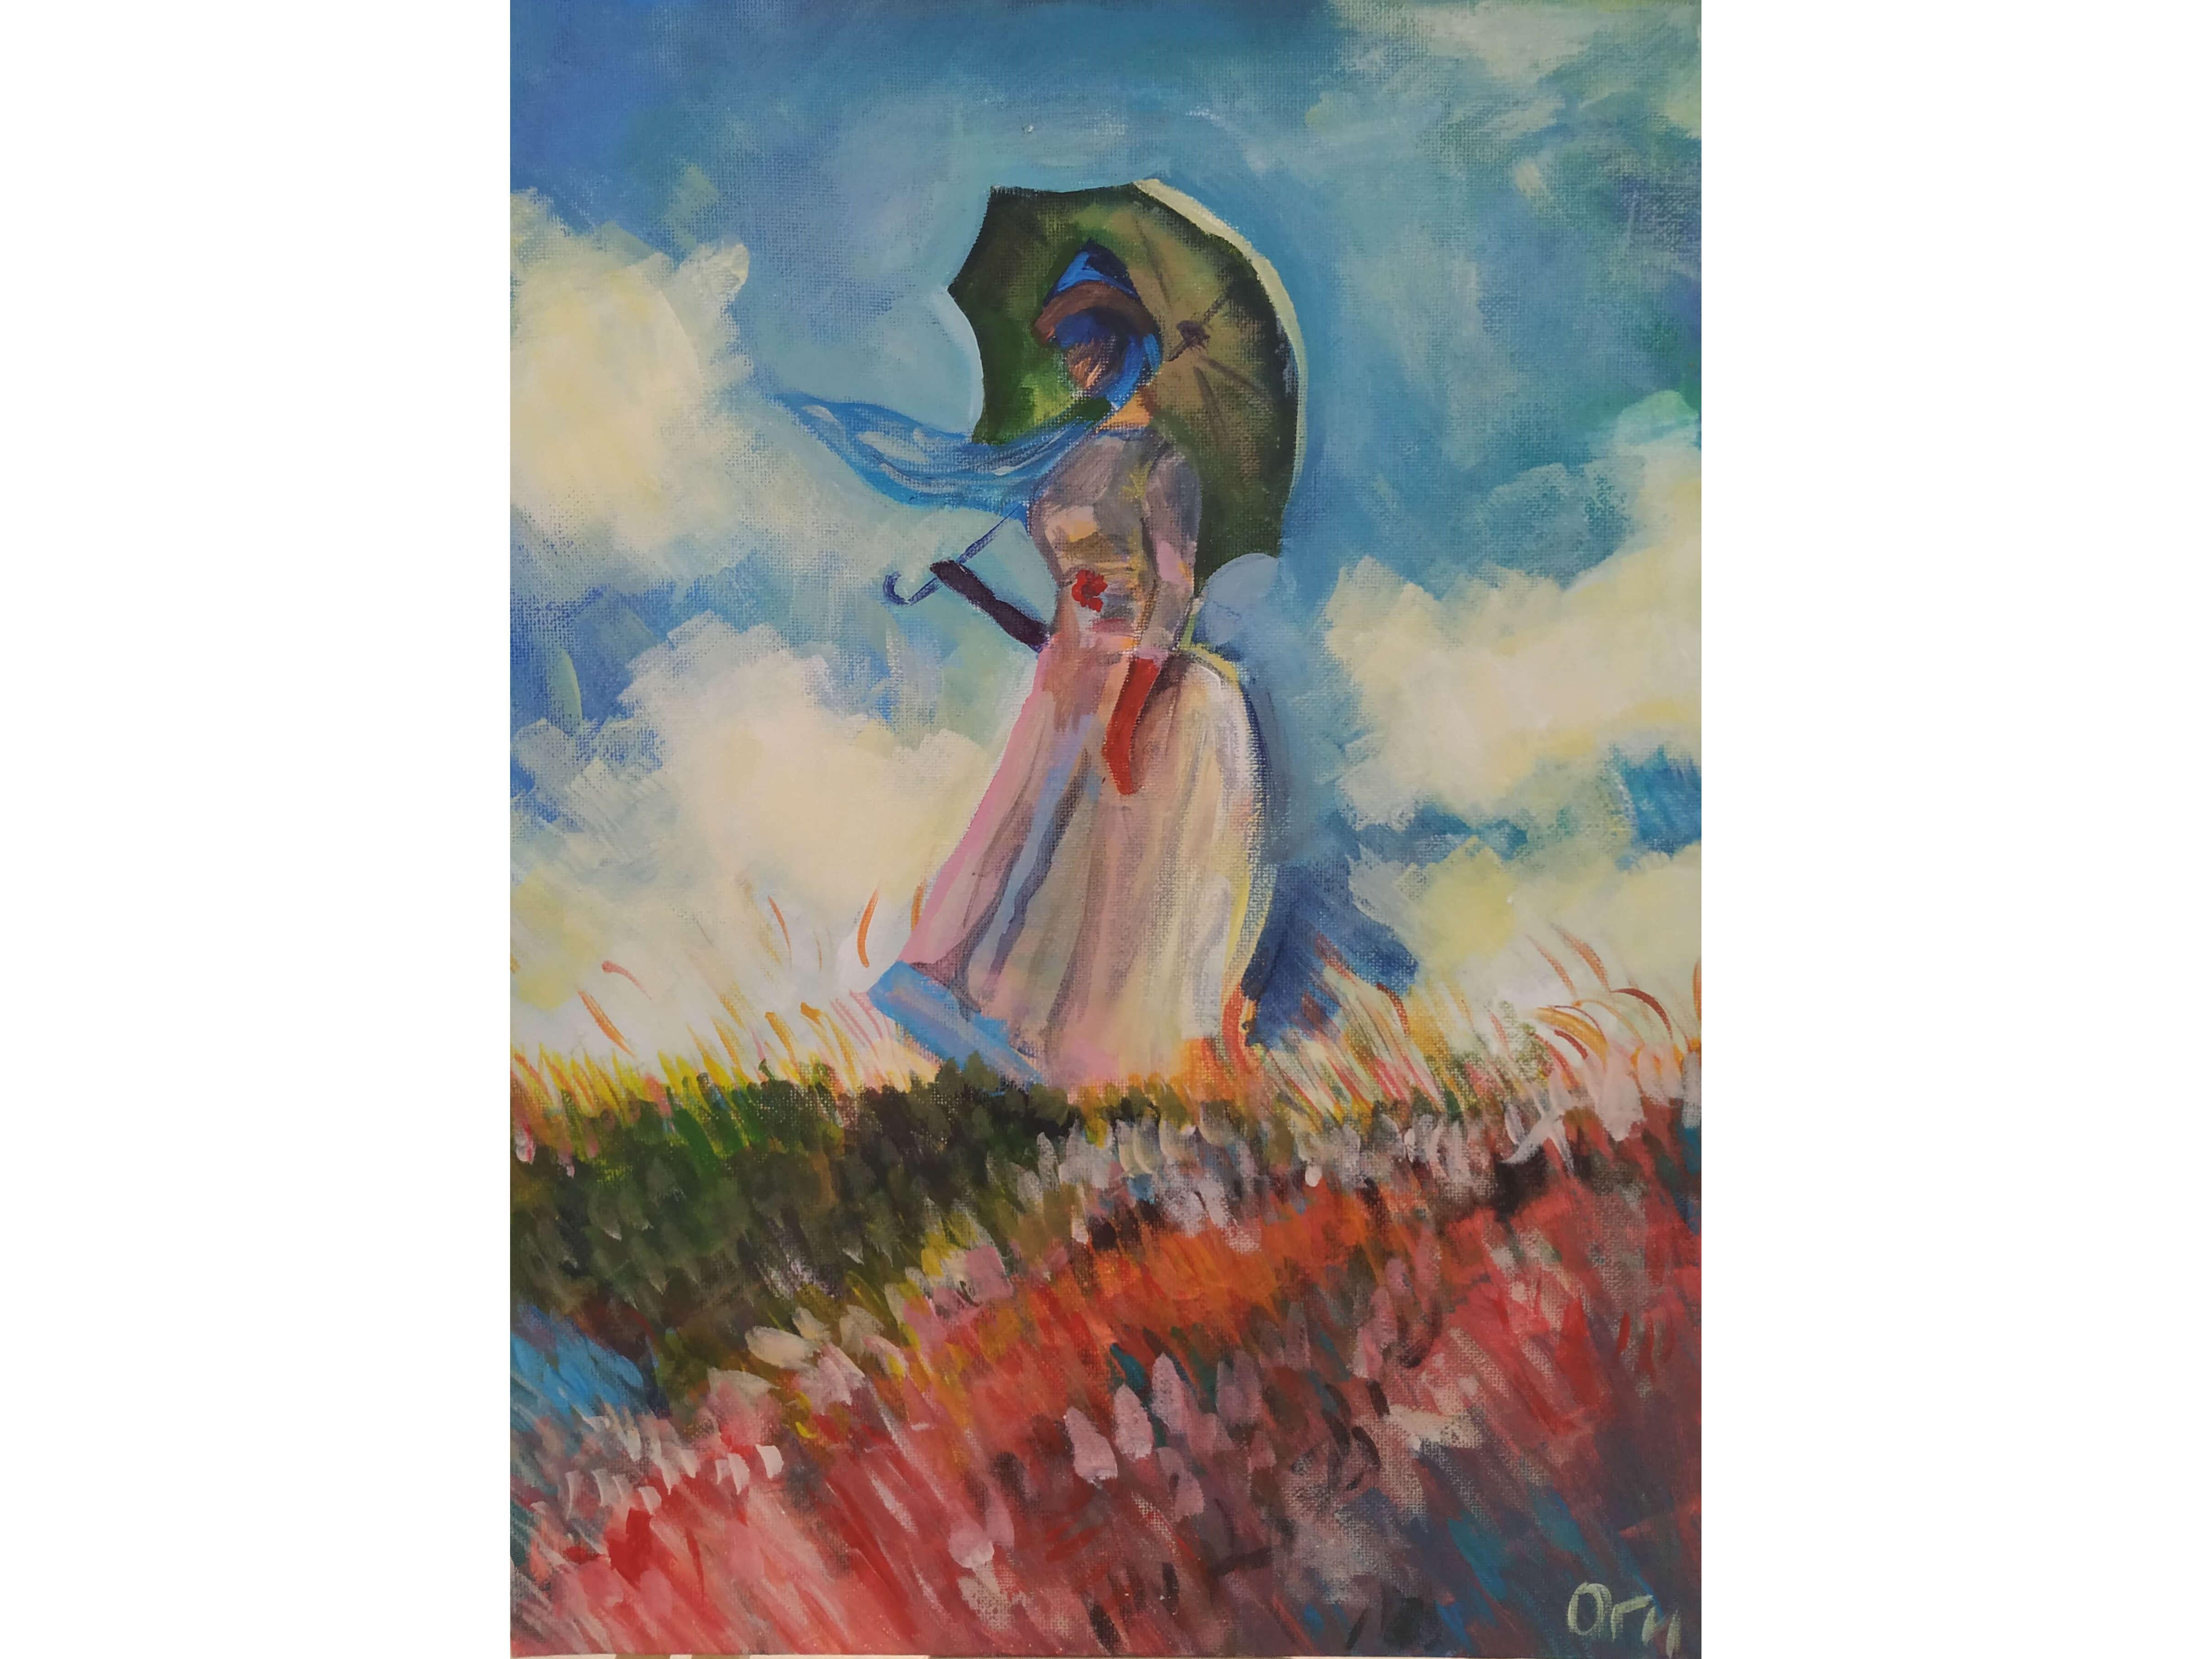 """Вино, забавление и рисуване с маслена живопис  """"Жената с чадър"""" на Клод Моне 19.03.2021 г."""